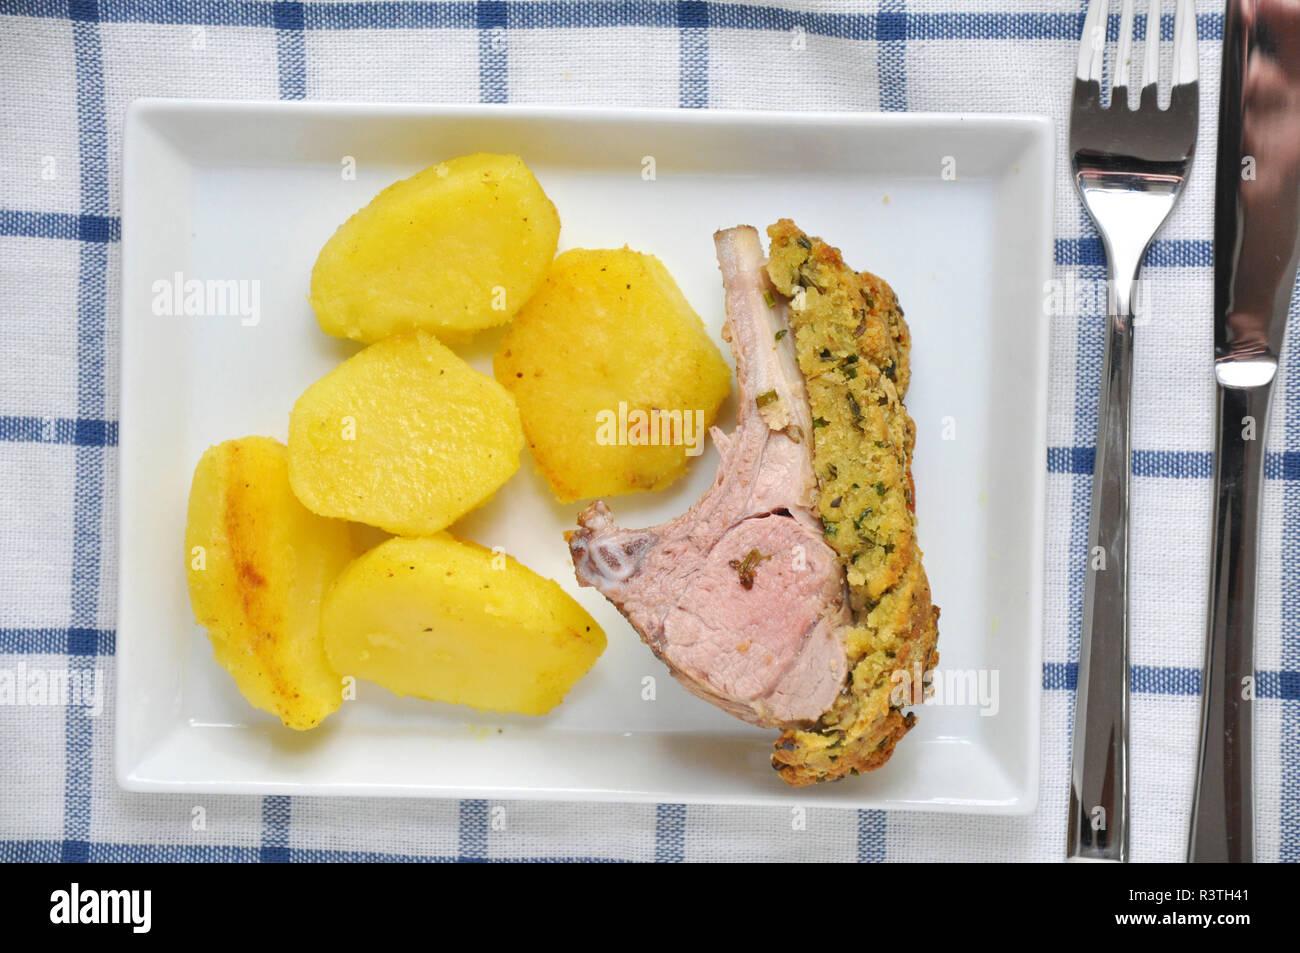 Roasted Lamb - Stock Image